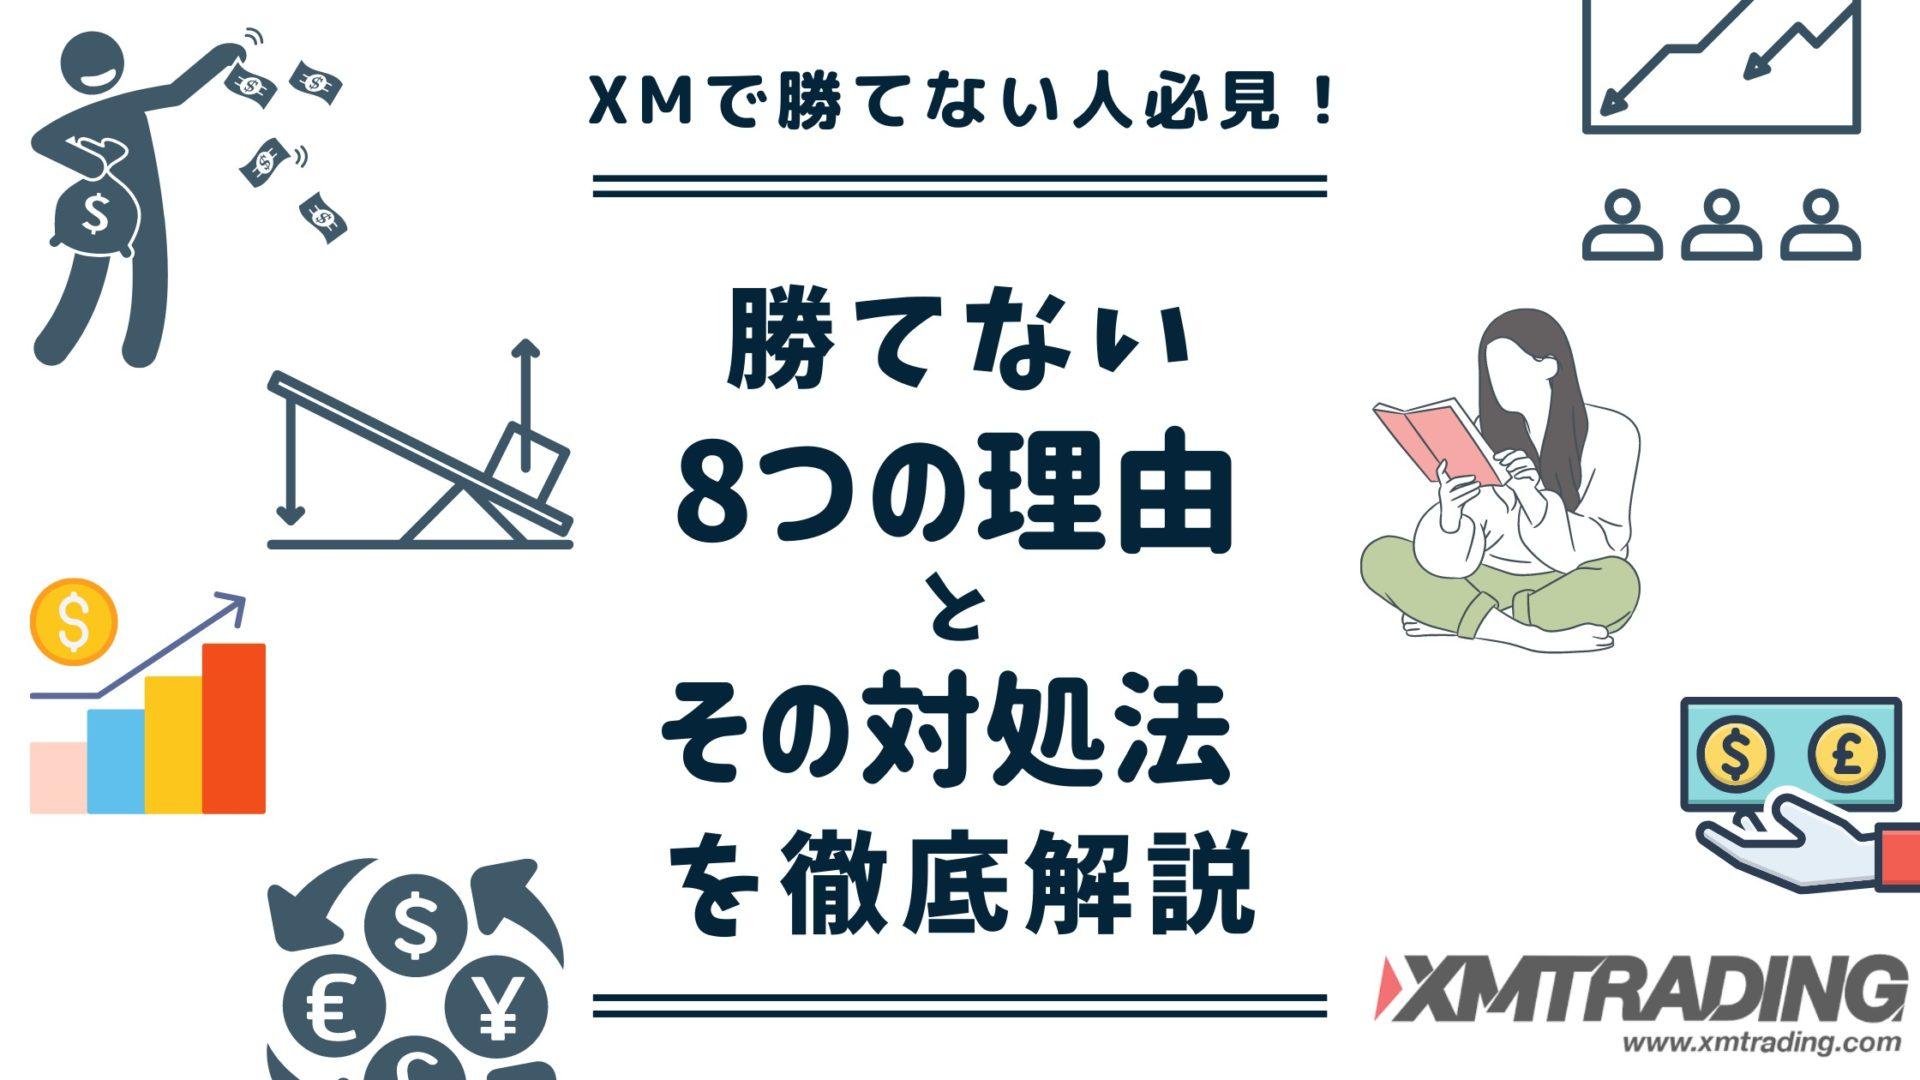 XM 勝てない